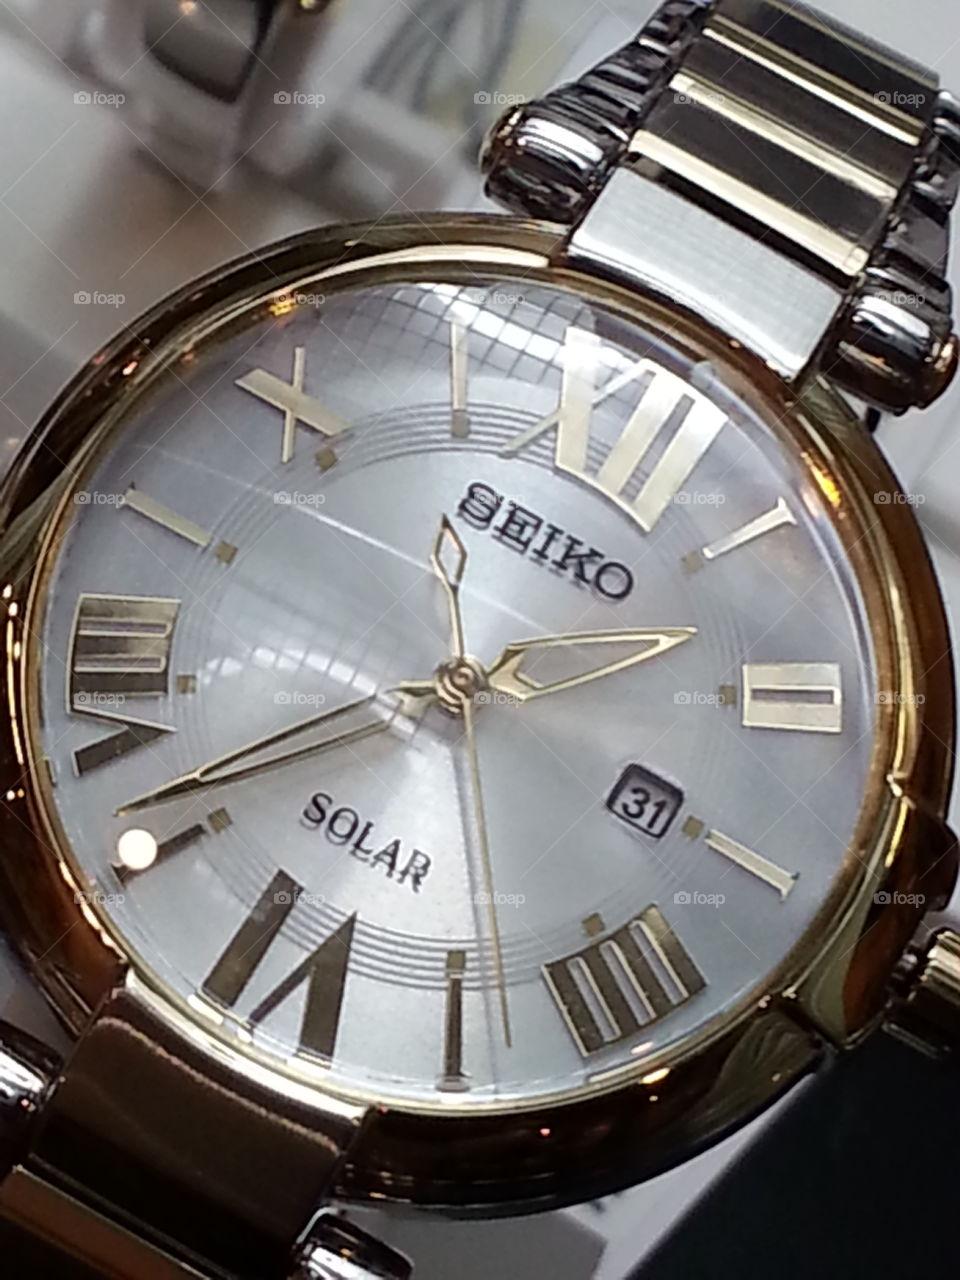 Seiko. watch